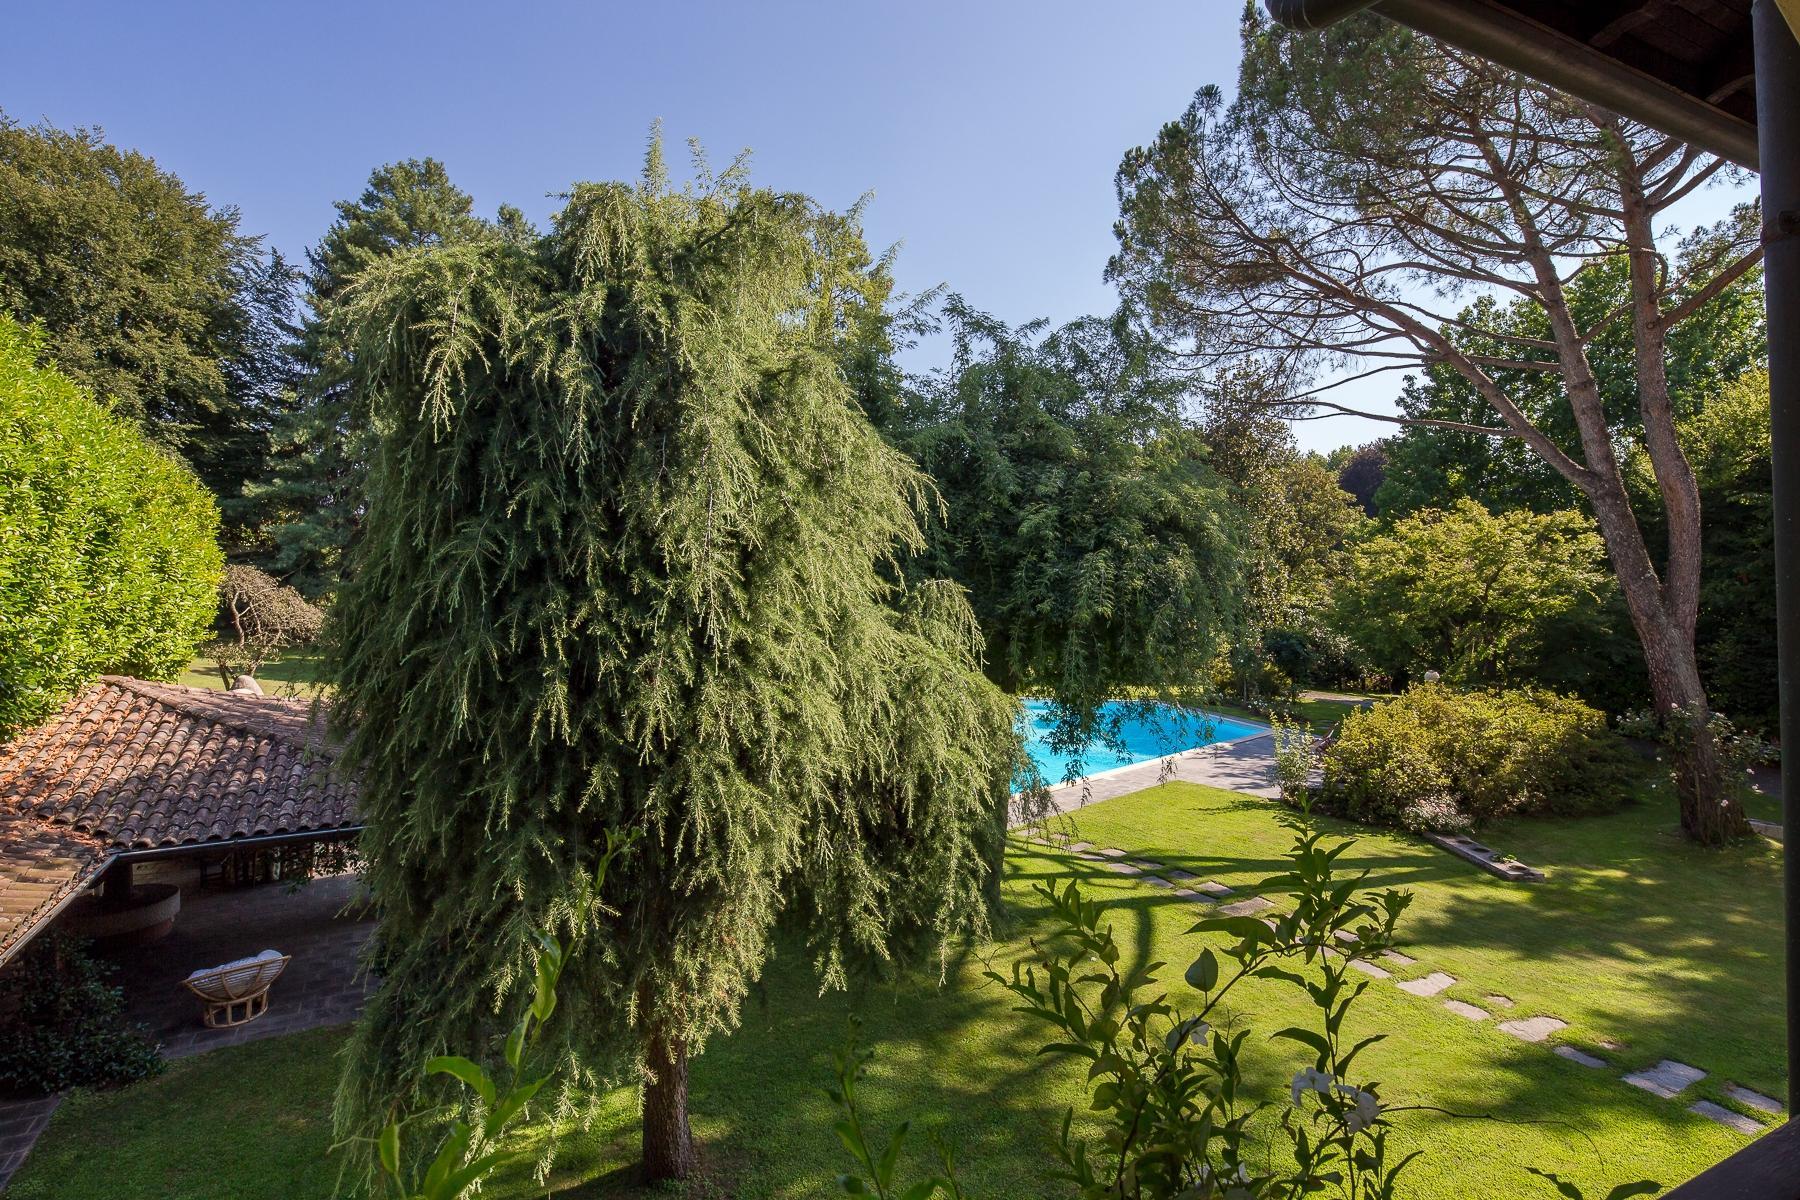 位于Ticino河岸边配有游泳池的别墅 - 22